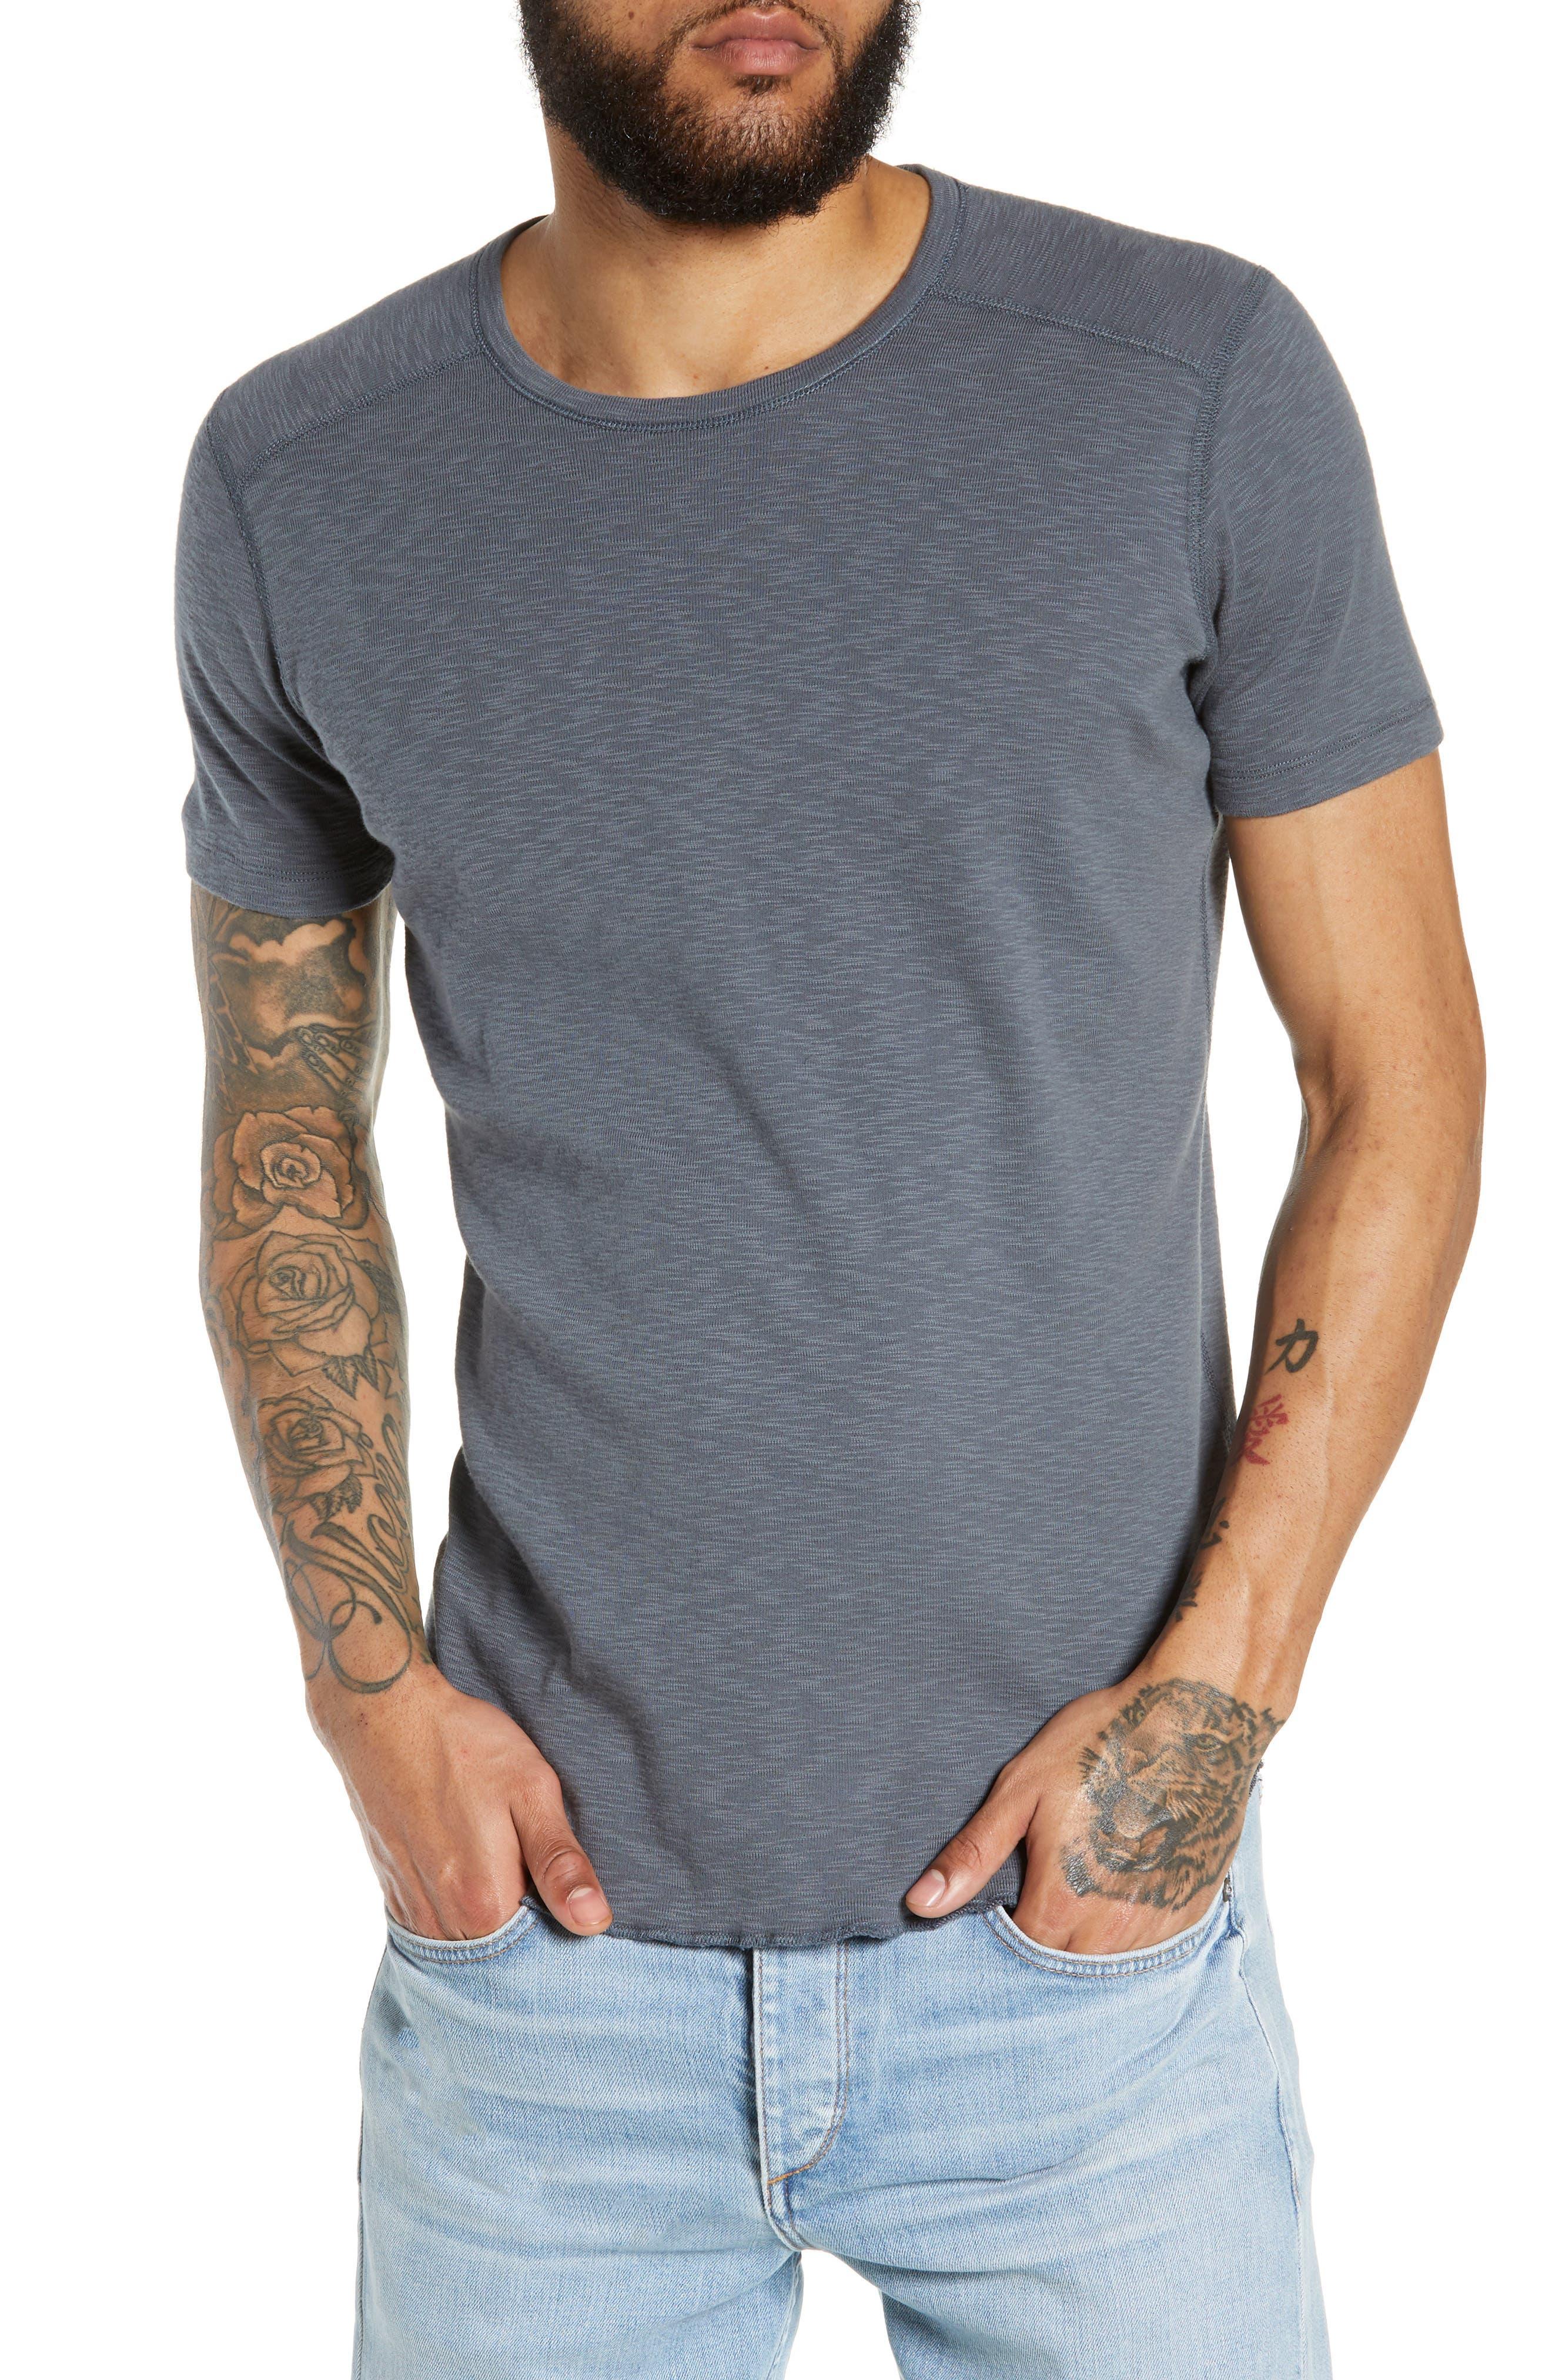 WINGS + HORNS, Ribbed Slub Cotton T-Shirt, Main thumbnail 1, color, SHADOW